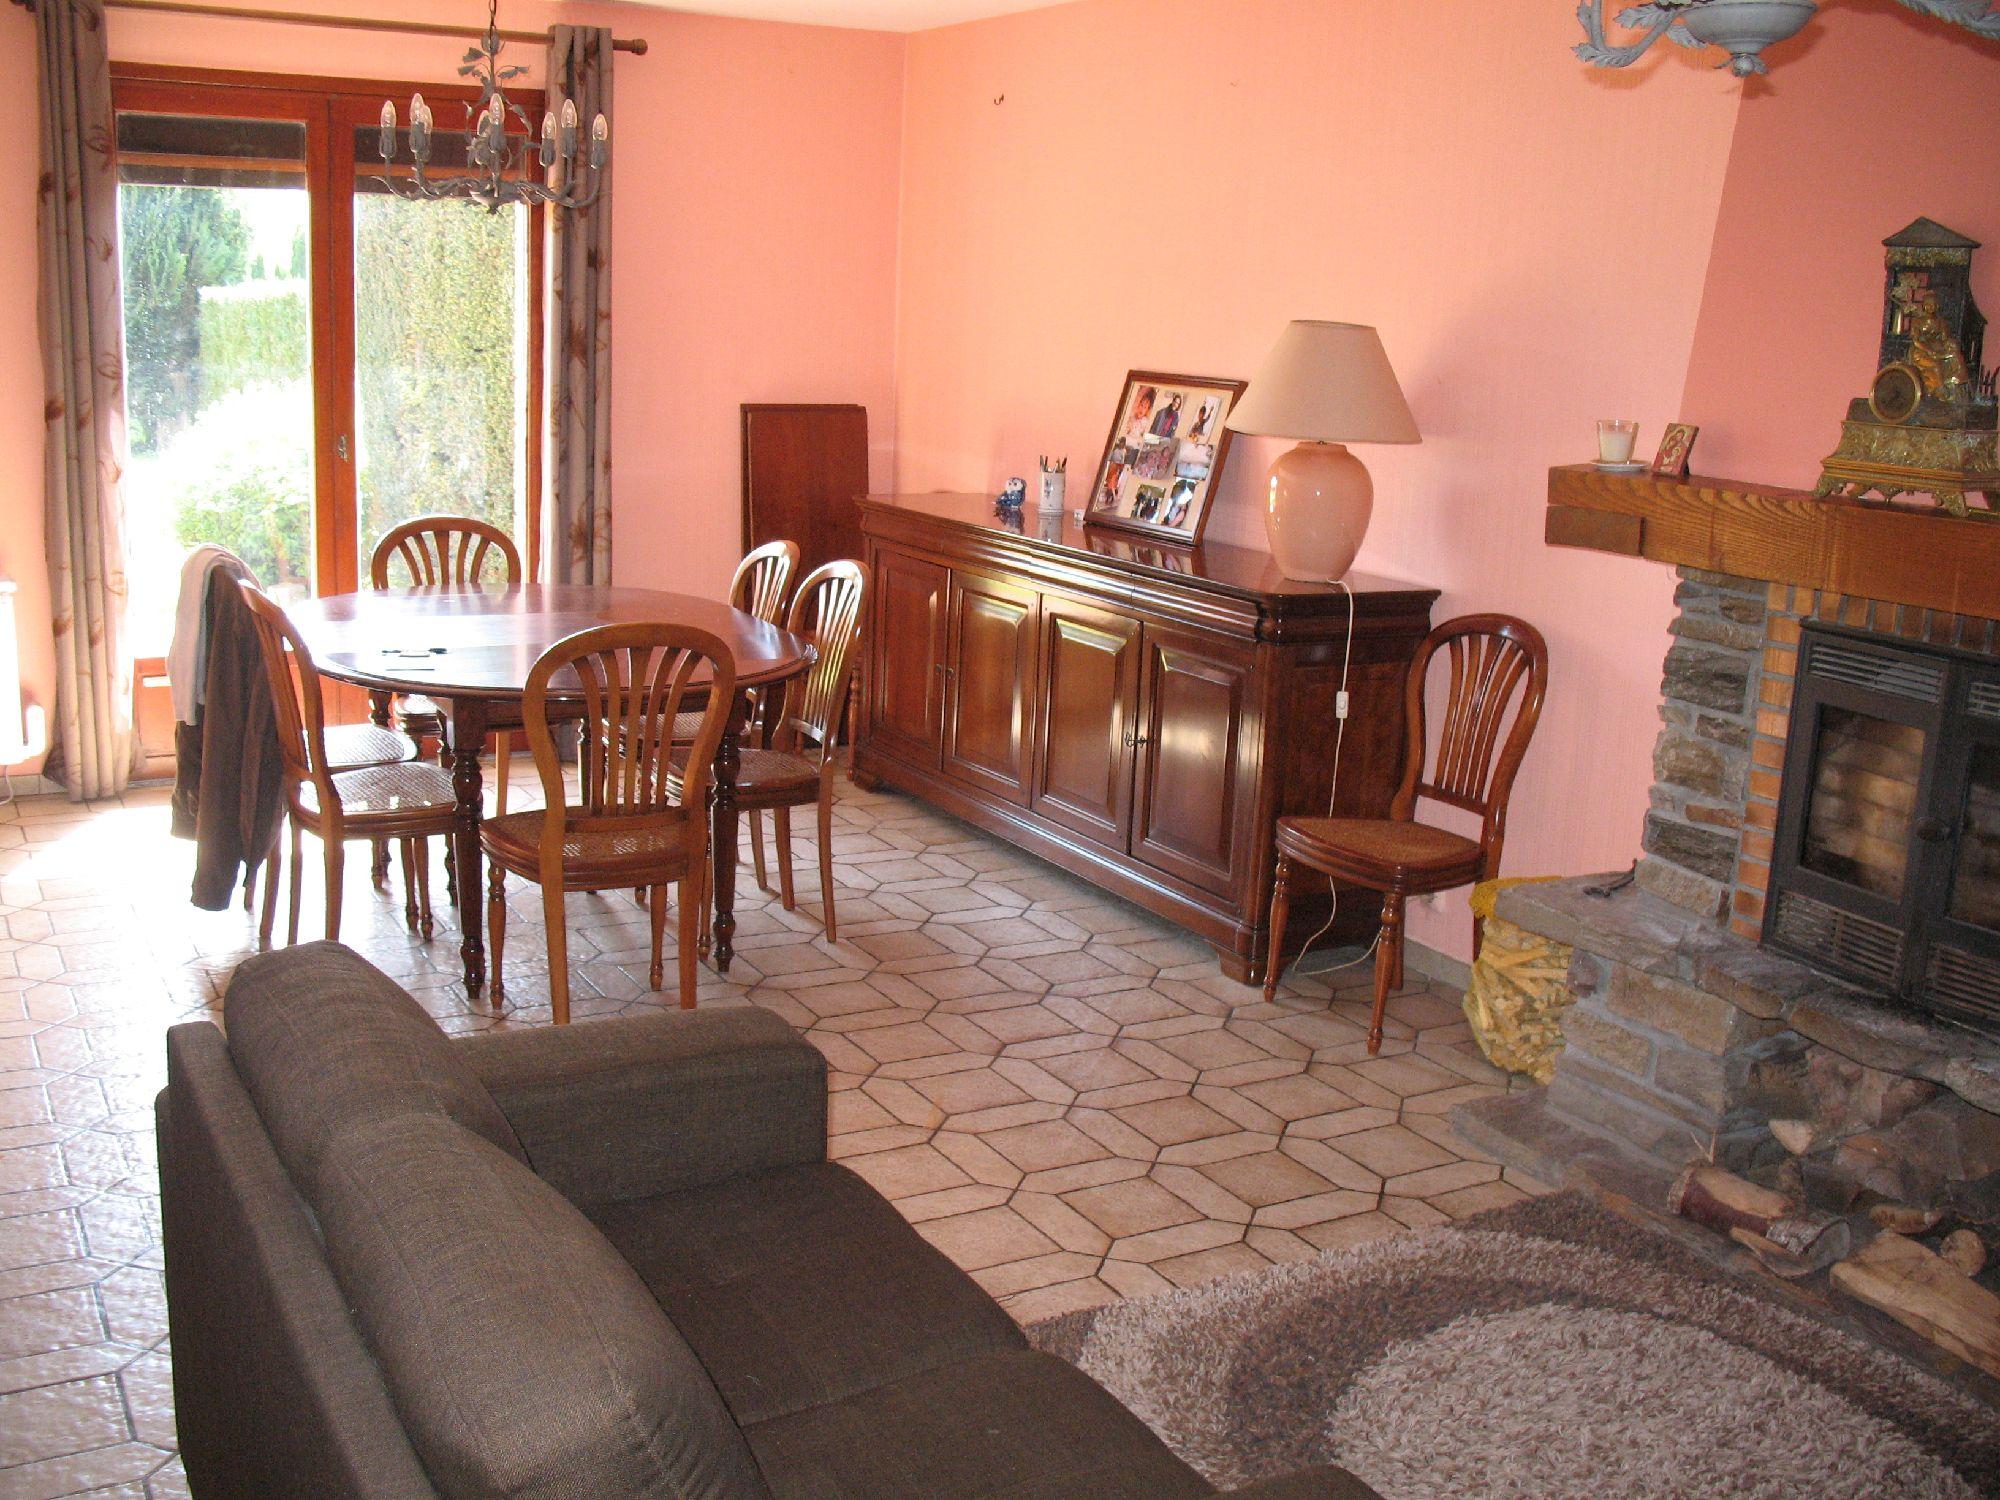 Vente maison flines les mortagne prix 226 000 hni - Surface habitable minimum d une chambre ...